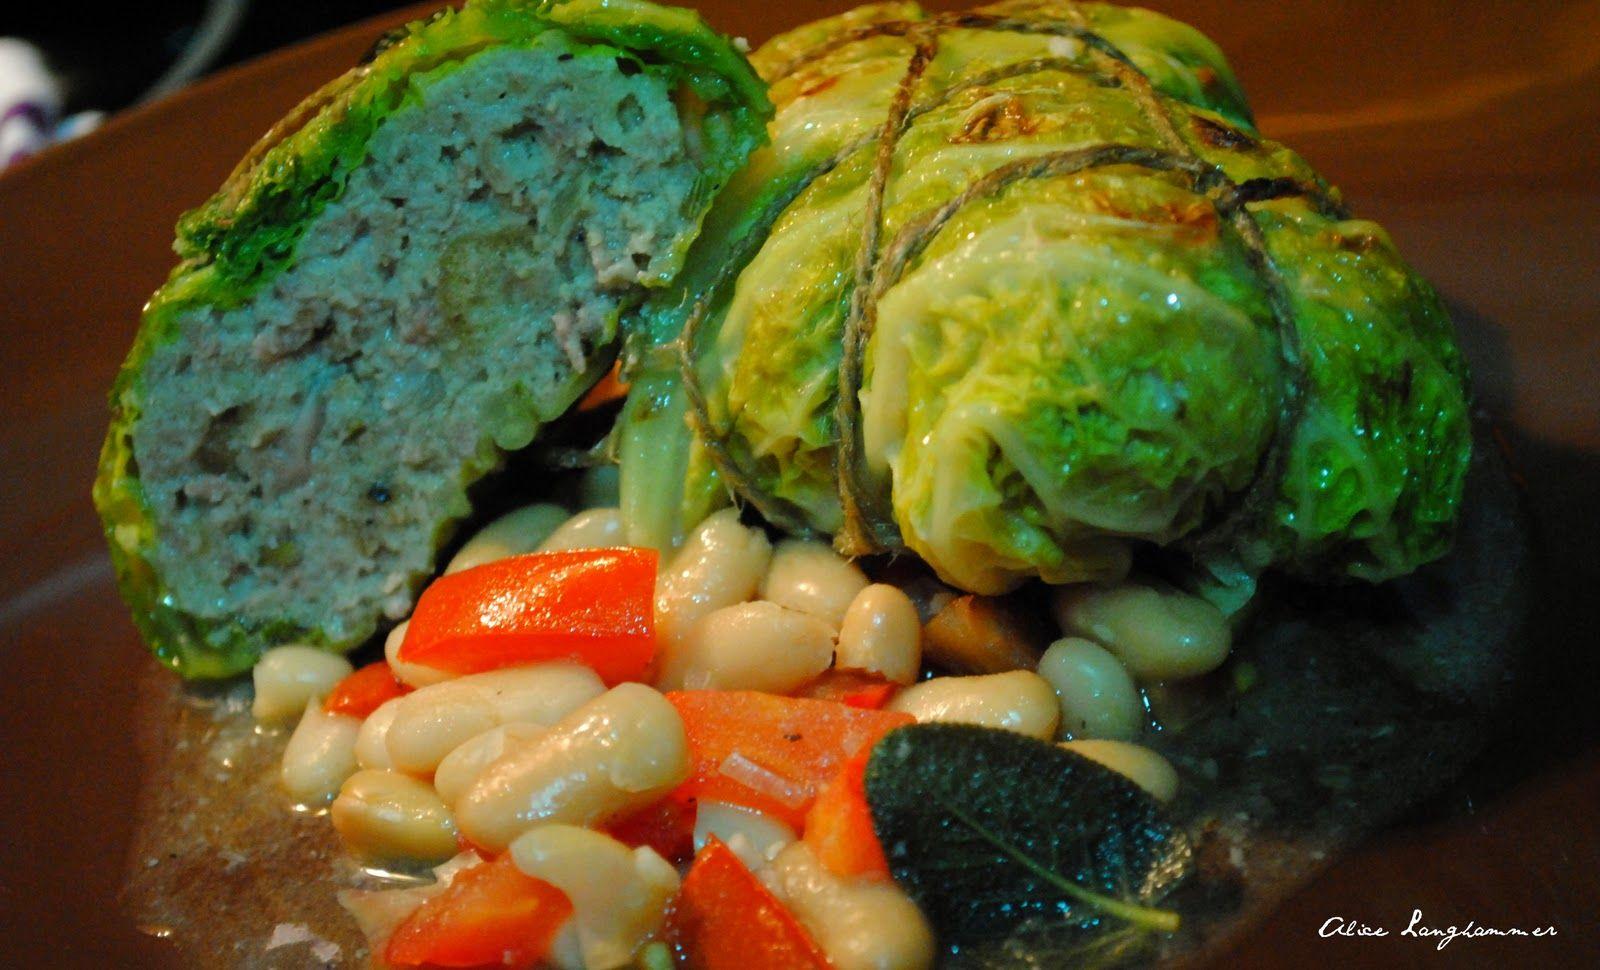 Alice im kulinarischen Wunderland: Poletto Nr. 2 - Wirsingwickel mit Salsiccia und weißen Bohnen